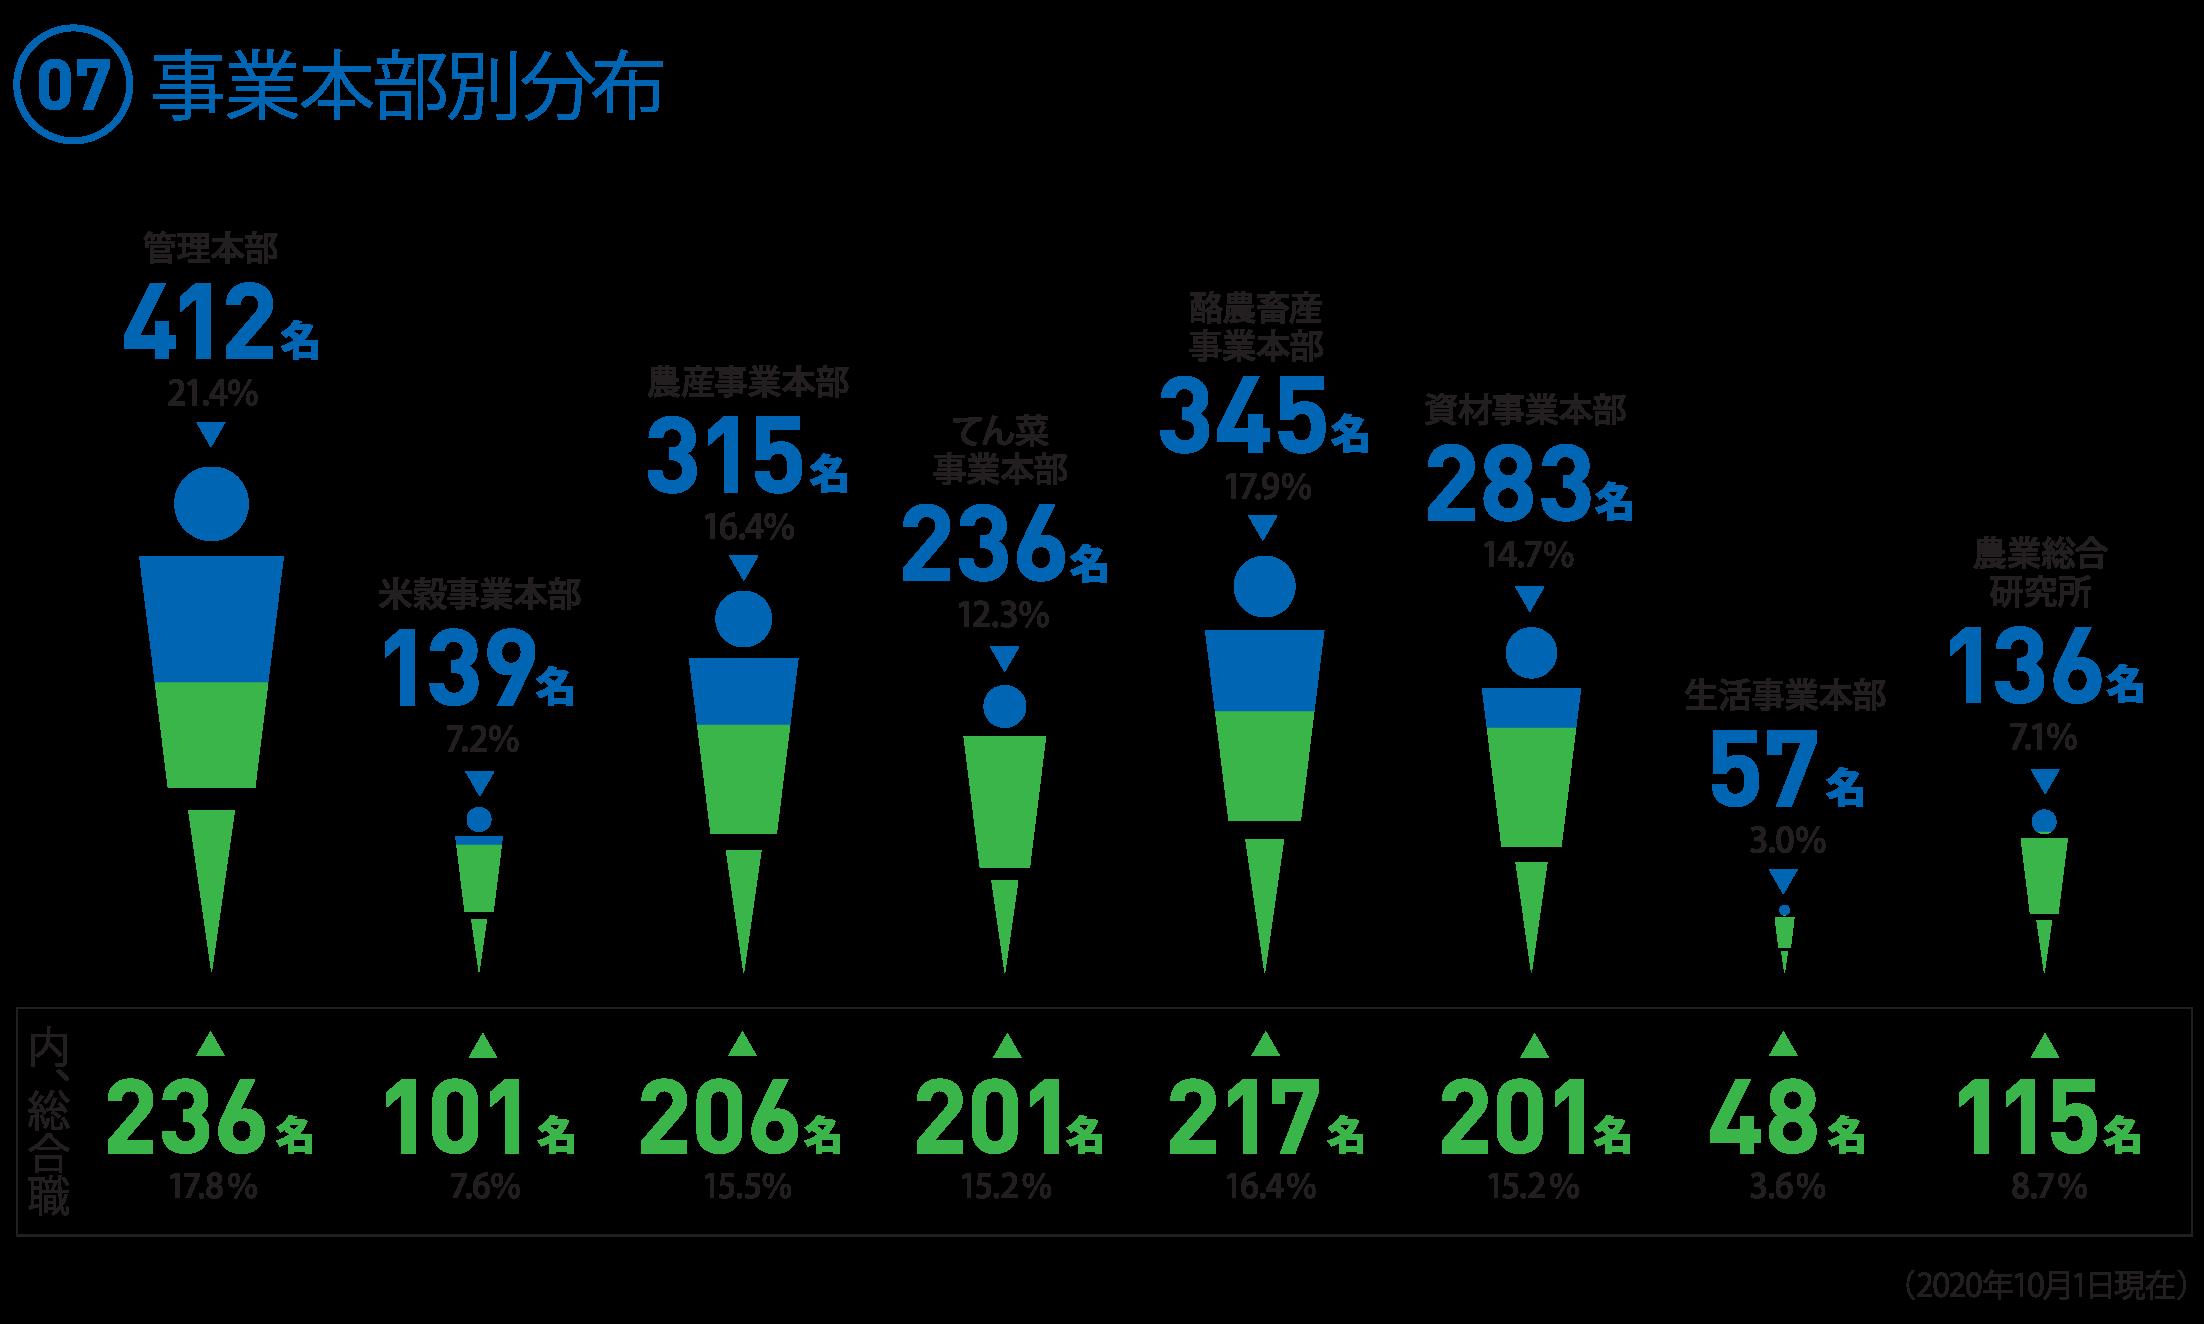 (07)事業本部別職員数  ○管理本部 412名 21.4% [総合職 236名 17.8%] ○米穀事業本部 139名  7.2% [総合職 101名 7.6%] ○農産事業本部 315名 16.4% [総合職 206名 15.5%] ○てん菜事業本部 236名 12.3% [総合職 201名 15.2%] ○酪農畜産事業本部345名 17.9% [総合職 217名 16.4%] ○資材事業本部 283名 14.7% [総合職 201名 15.2%] ○生活事業本部  57名  3.0% [総合職 48名 3.6%] ○農業総合研究所 136名  7.1% [総合職 115名 8.7%]